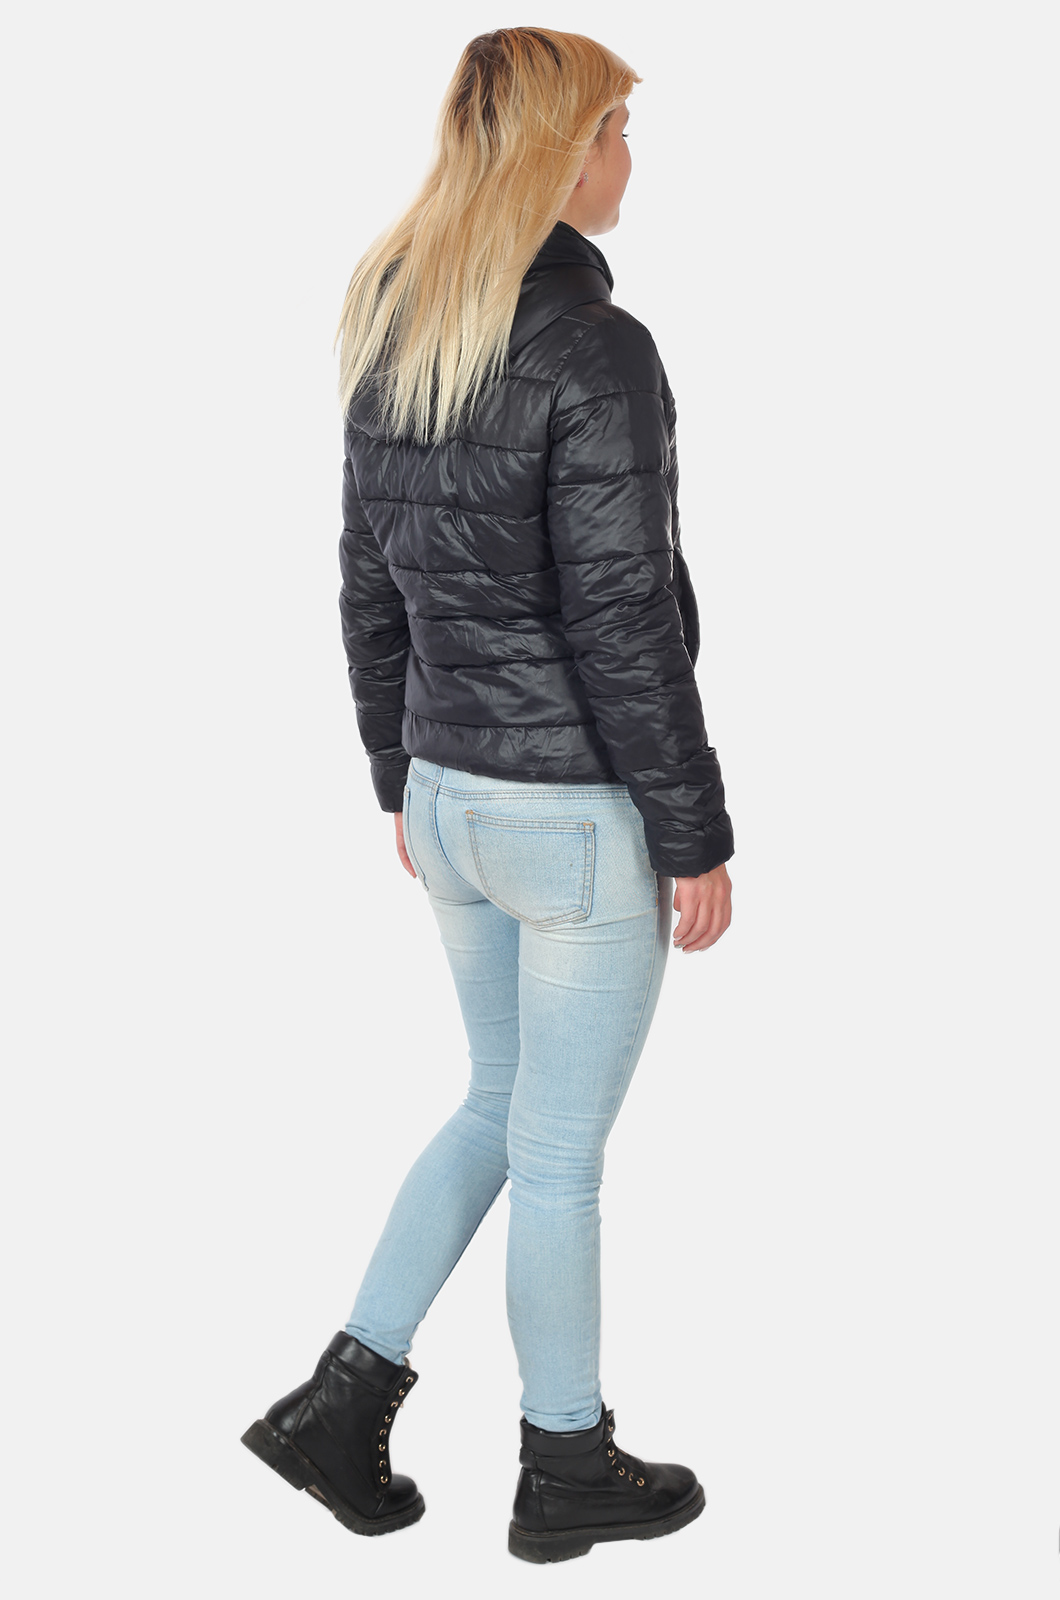 Стеганая женская куртка MAIK & QS с капюшоном с удобной доставкой